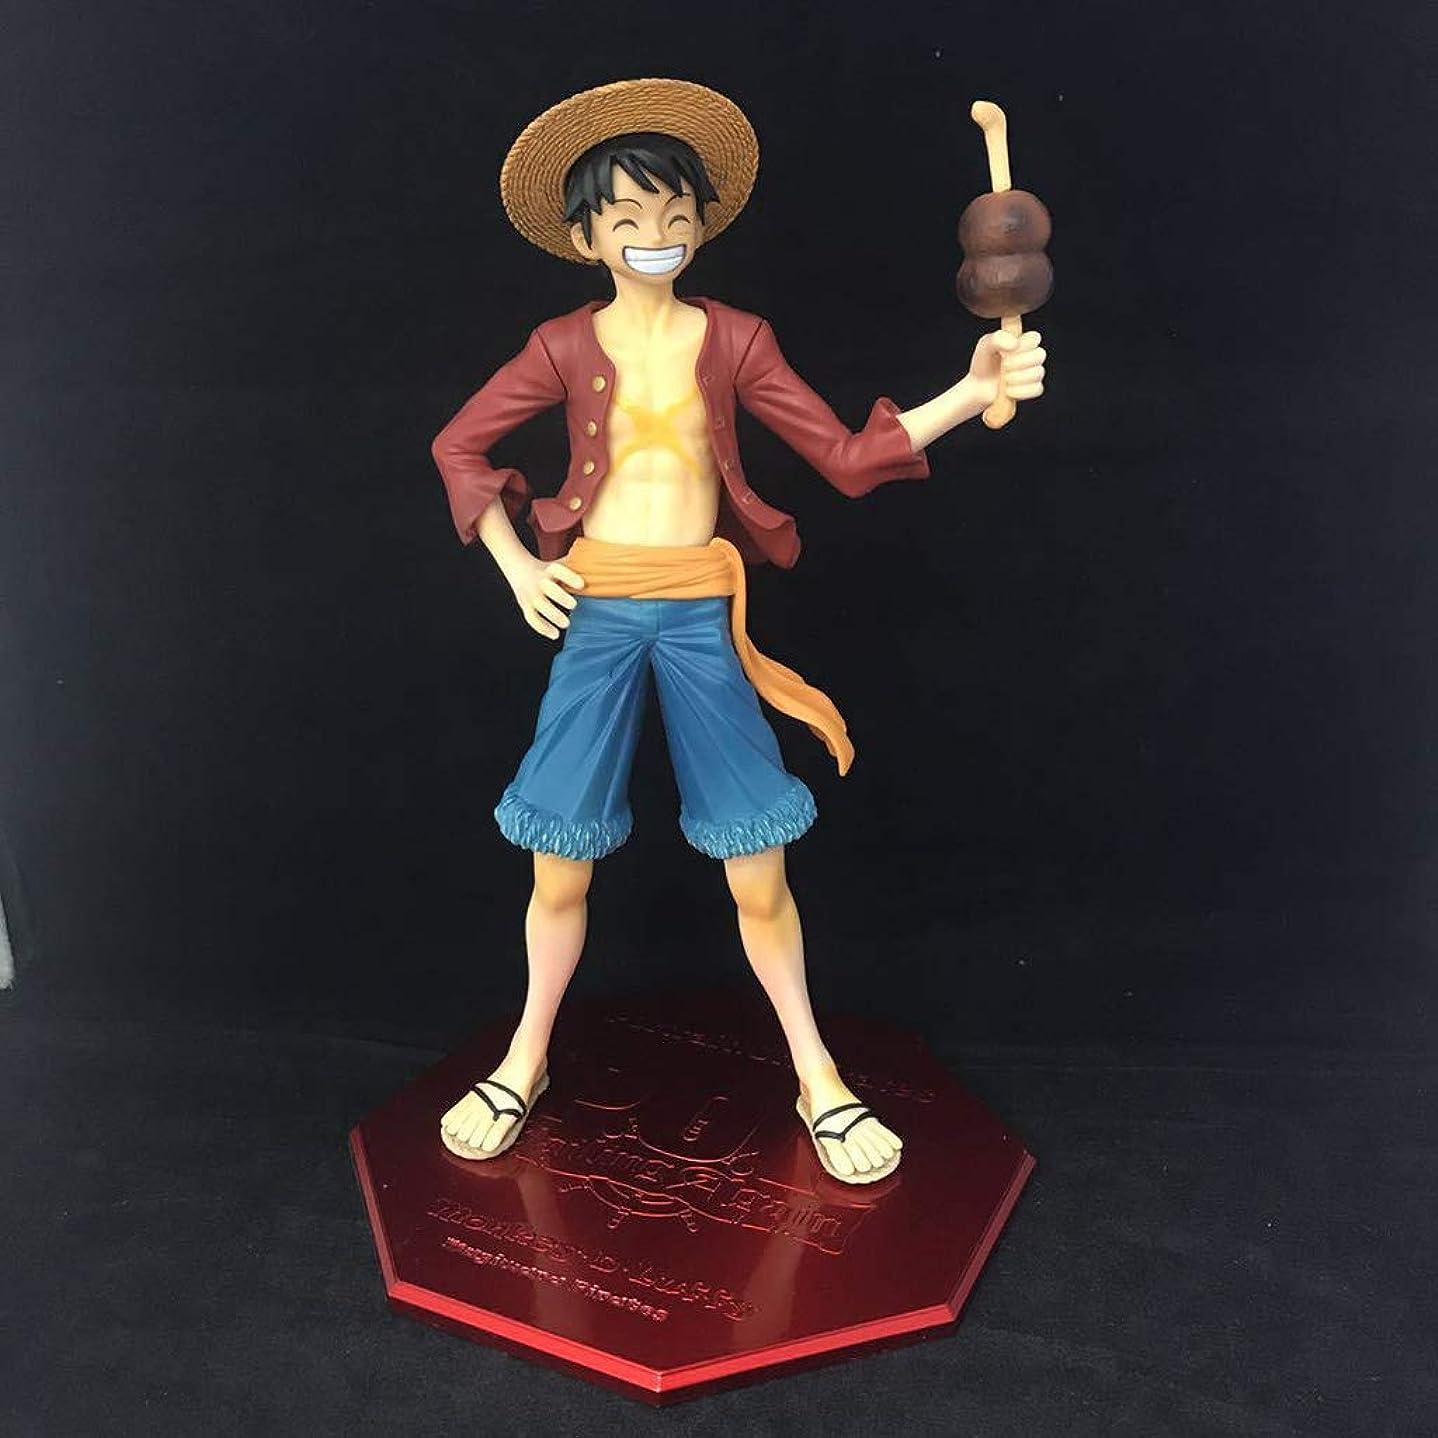 作り上げる昼間預言者ルフィ玩具像ワンピース玩具像玩具モデル漫画のキャラクターの工芸品/ 22CMの装飾工芸品 Hyococ